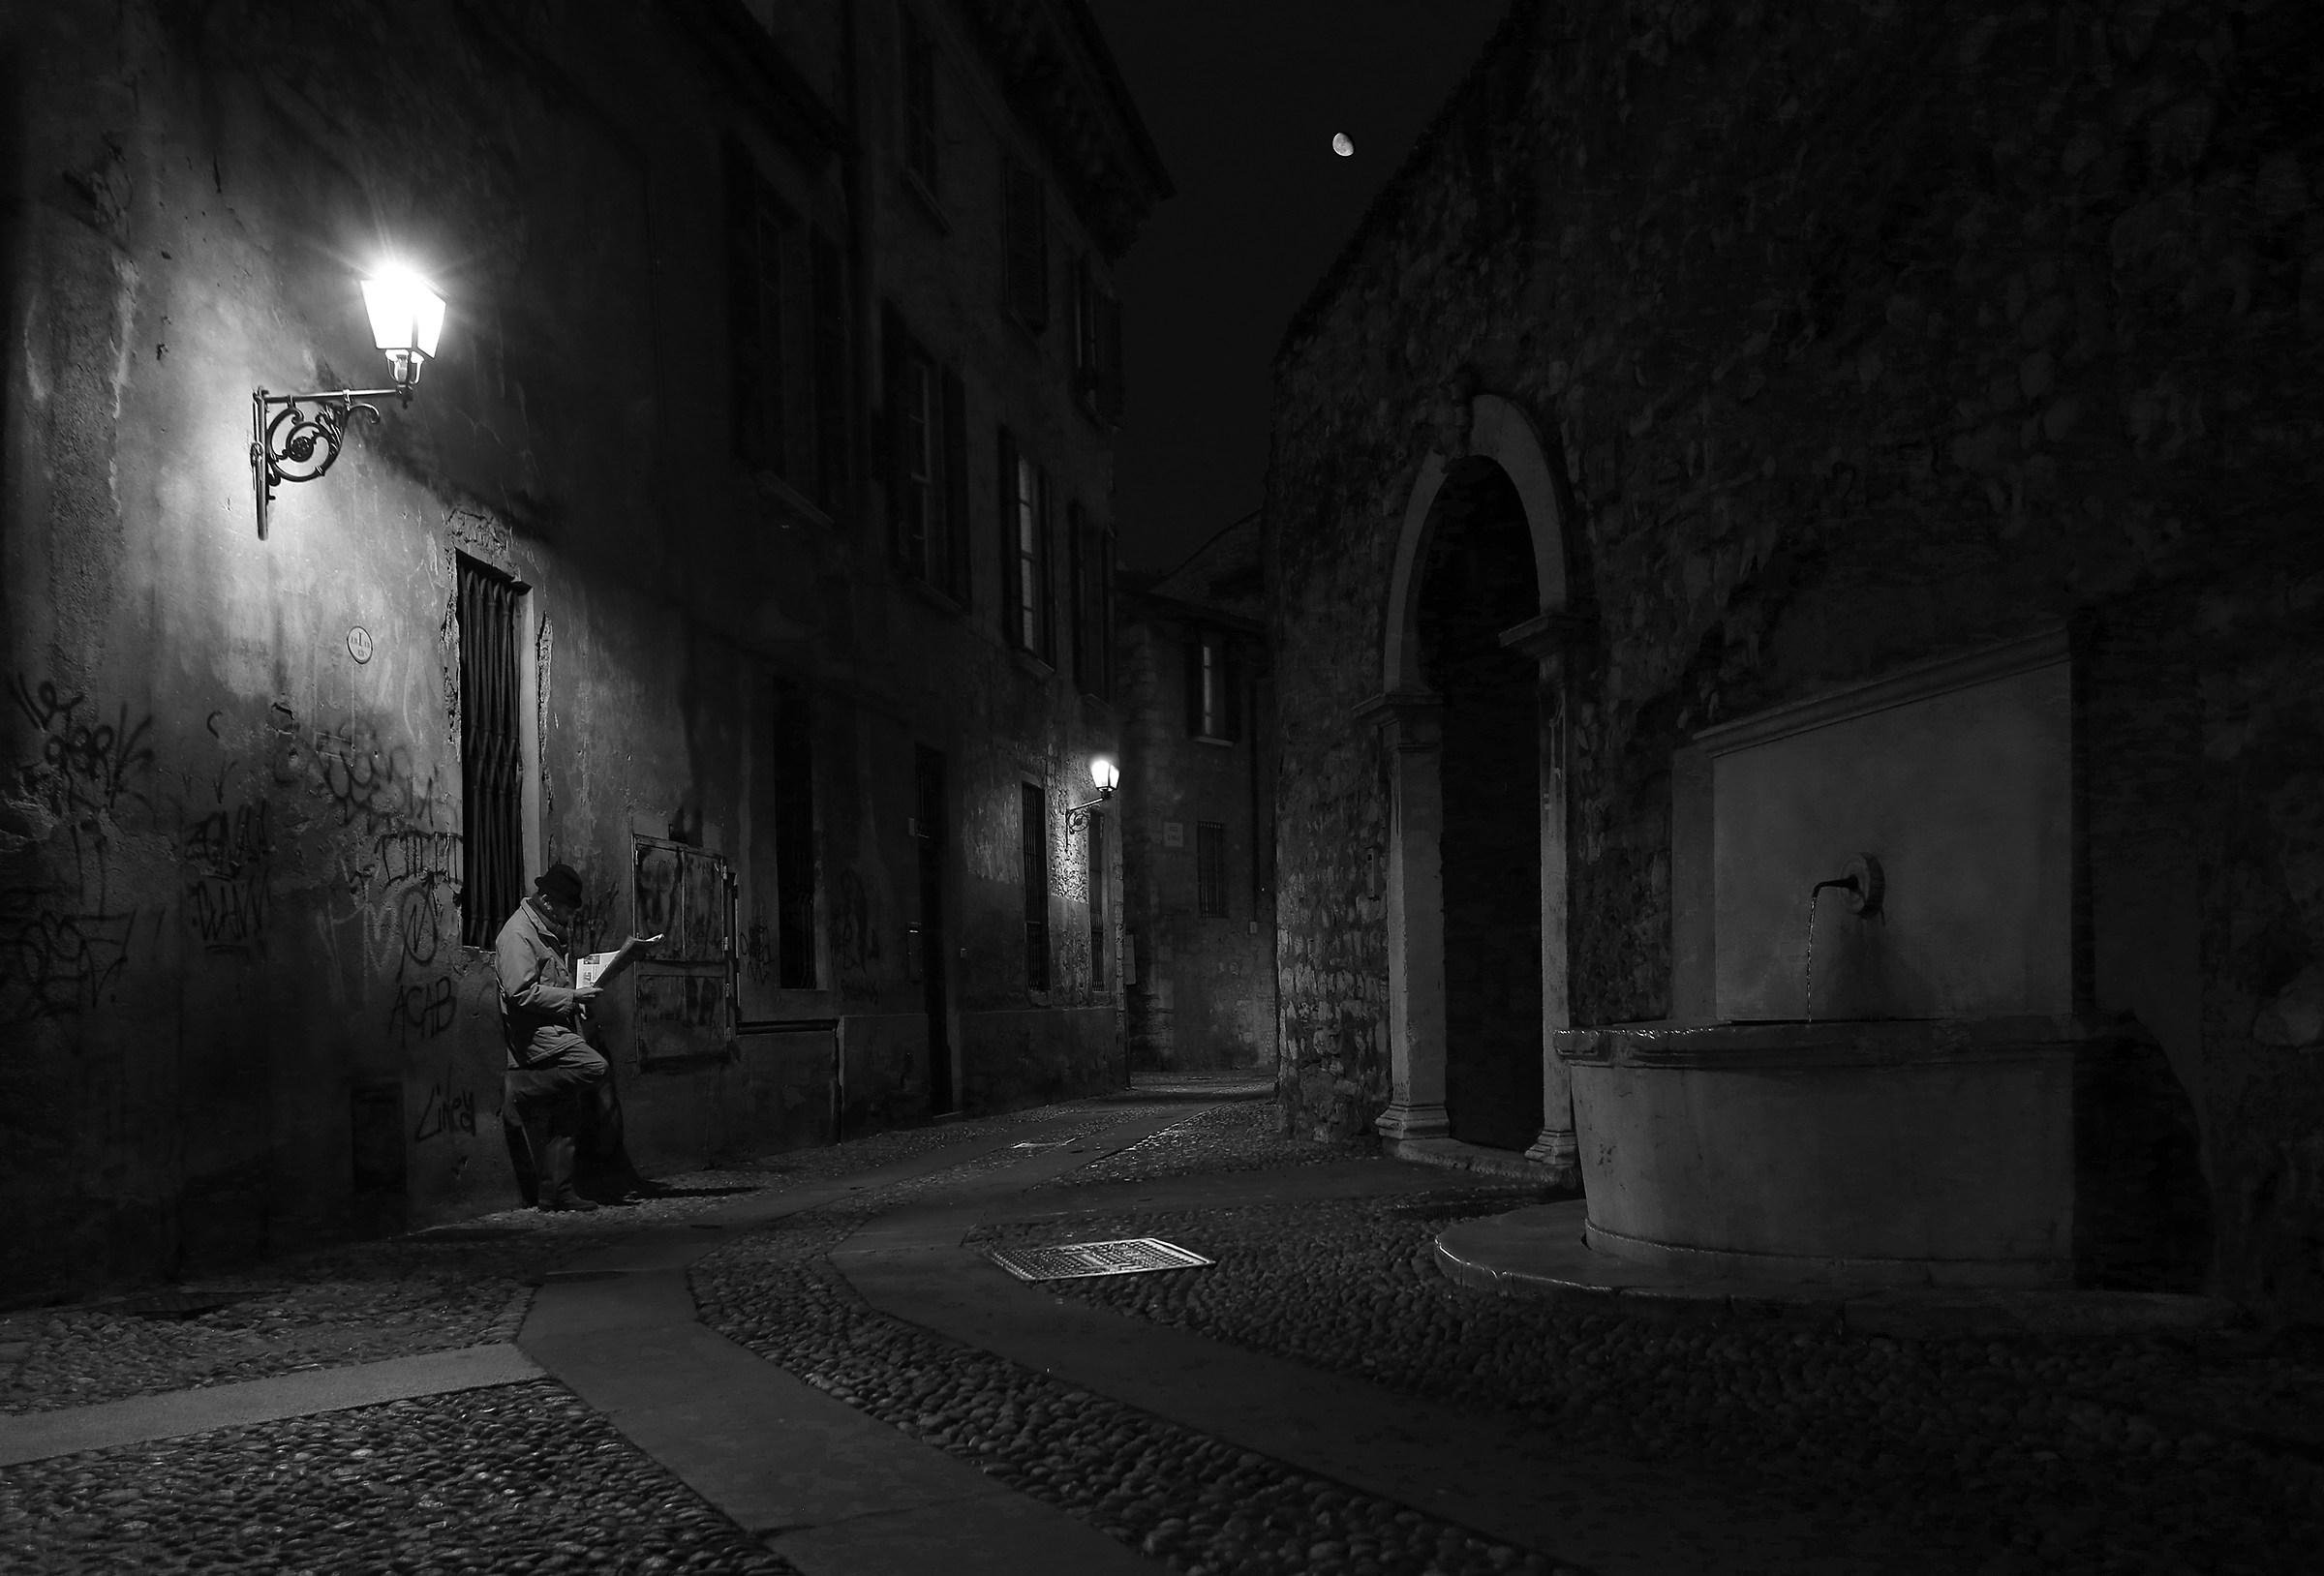 Ultime notizie dalla notte juzaphoto for Ultime notizie dal parlamento italiano